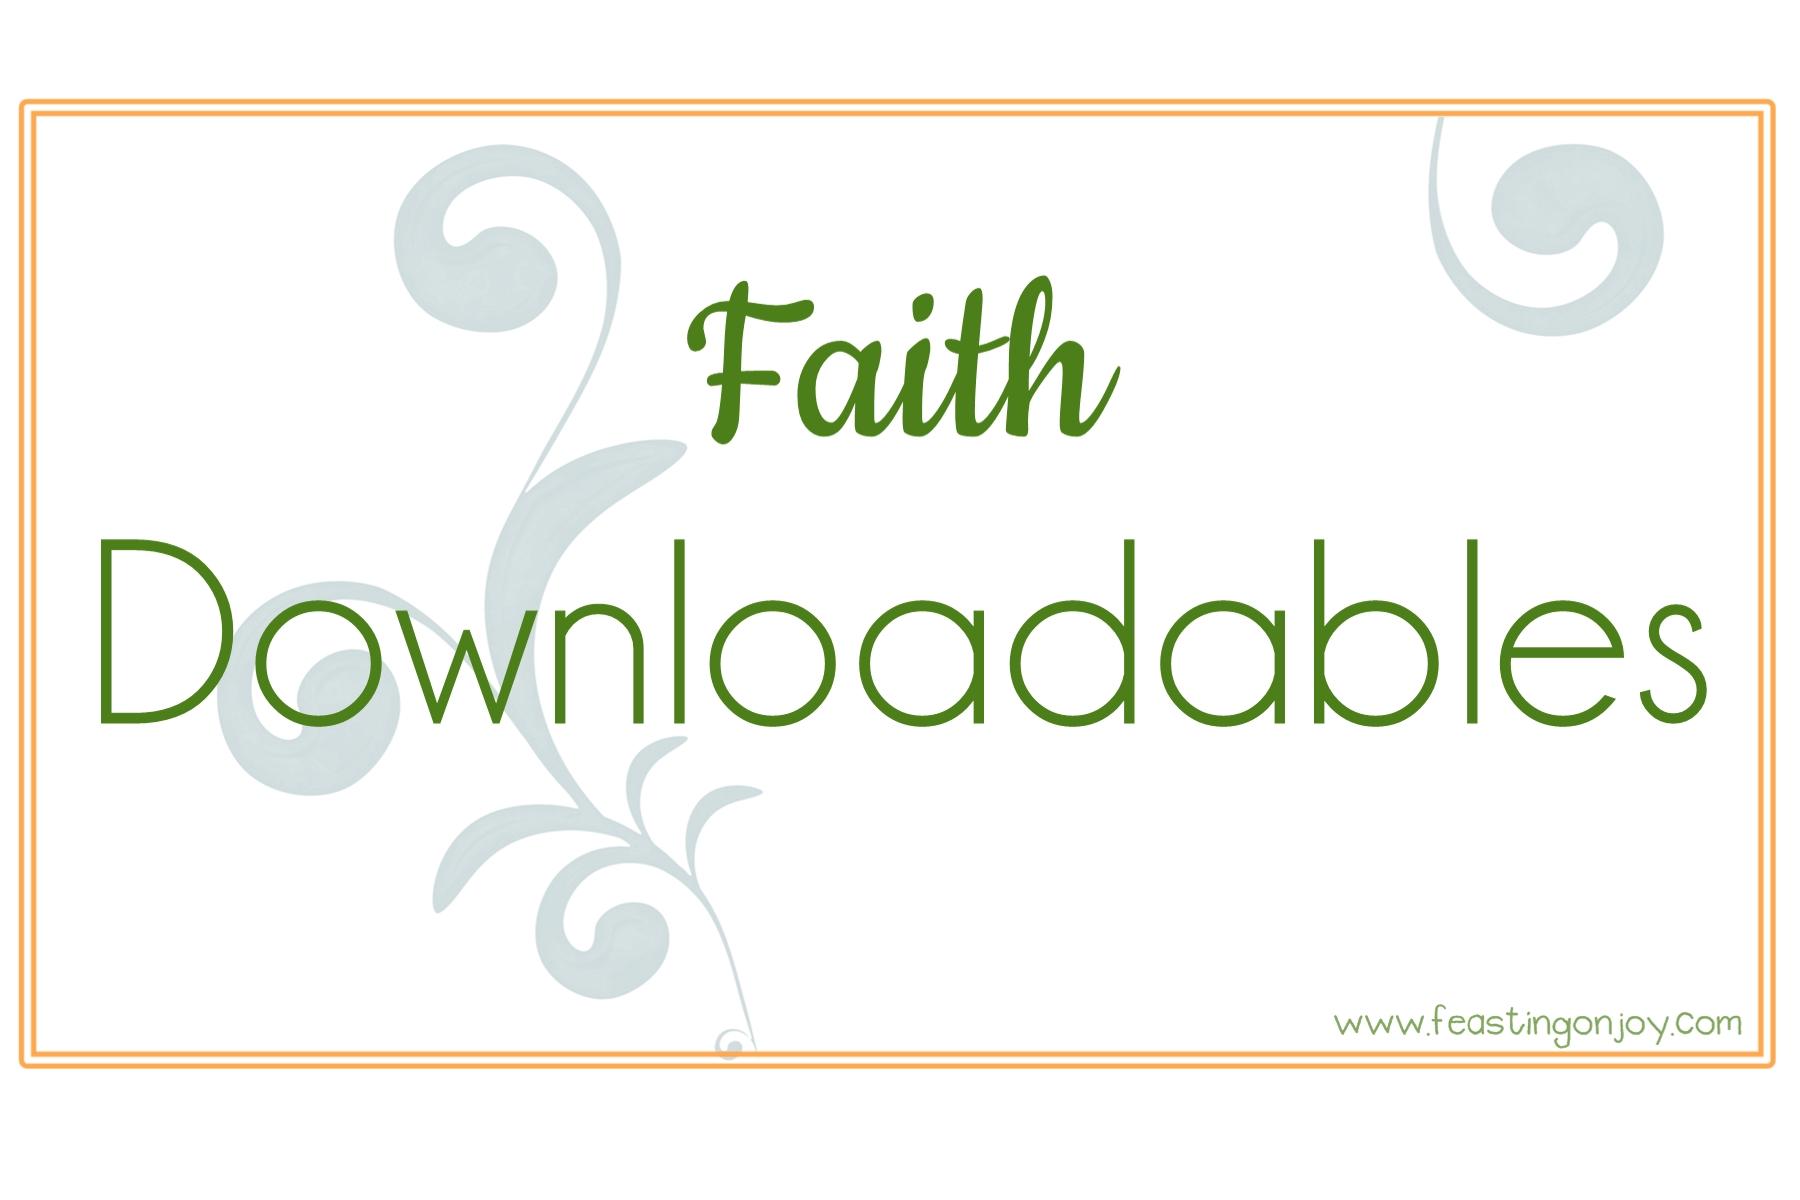 Downloadables Faith